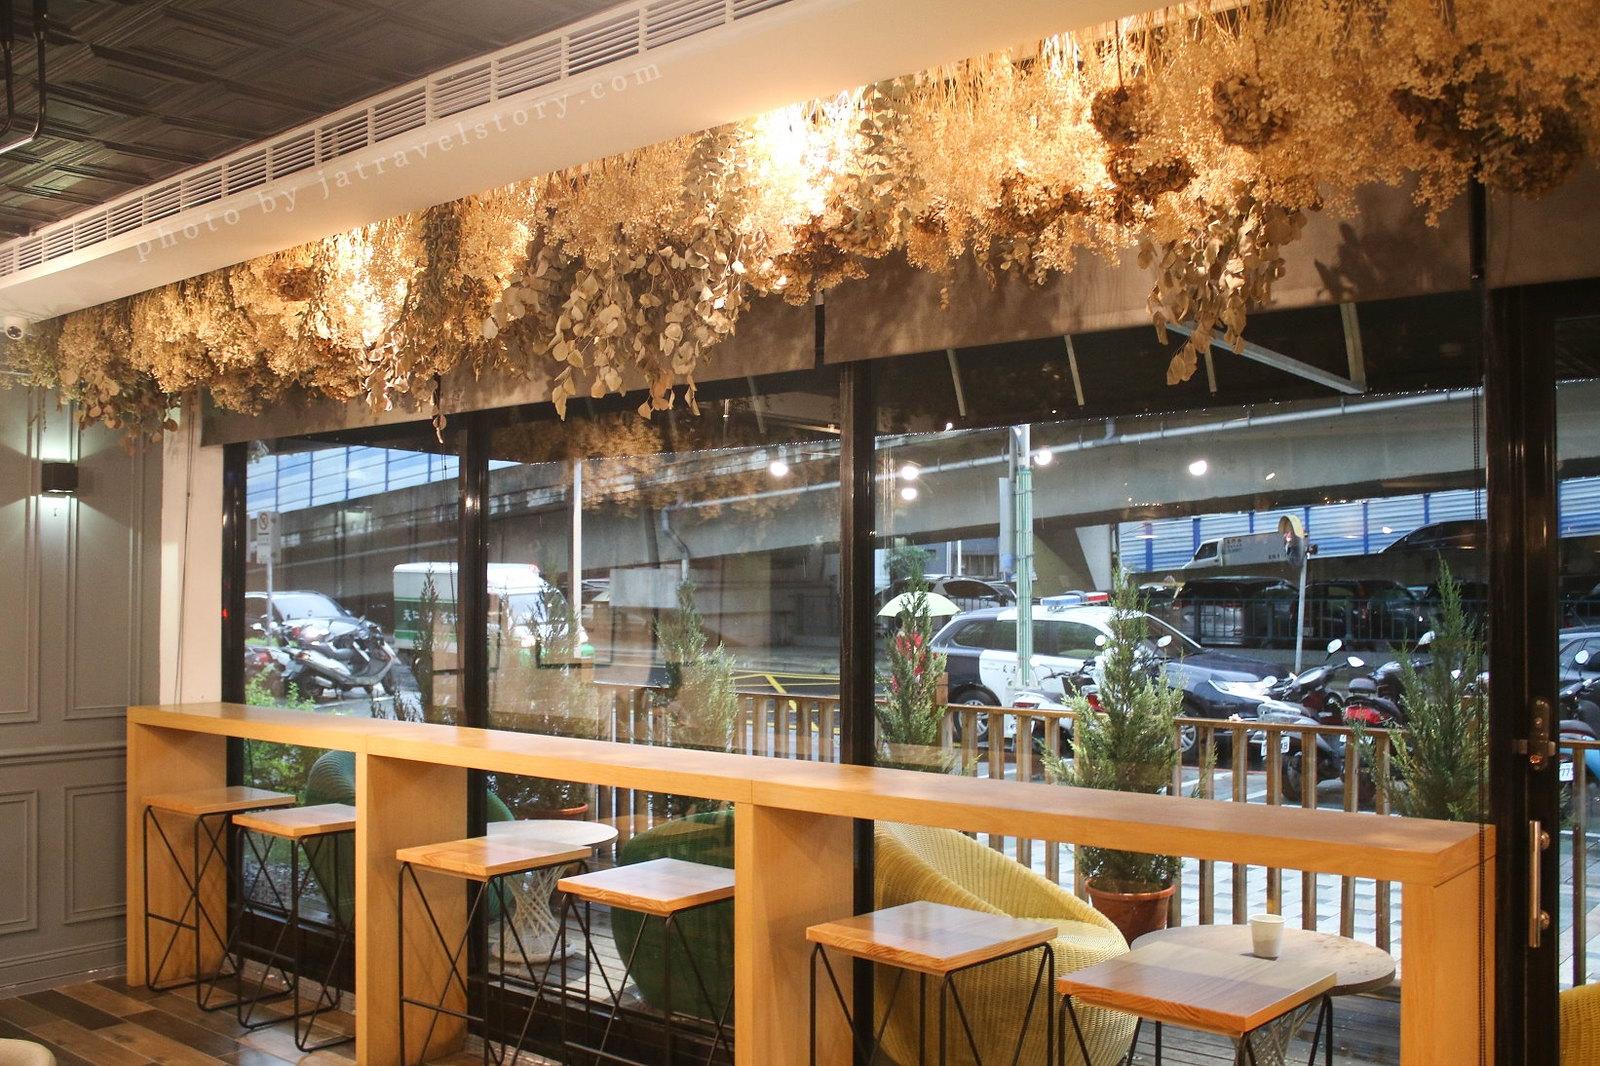 Amandier Cafe 港式套餐均一價360元,在咖啡廳吃港式點心、喝咖啡吃甜點!【捷運忠孝新生】 雅蒙蒂咖啡/ 雅蒙蒂創意飲食 @J&A的旅行